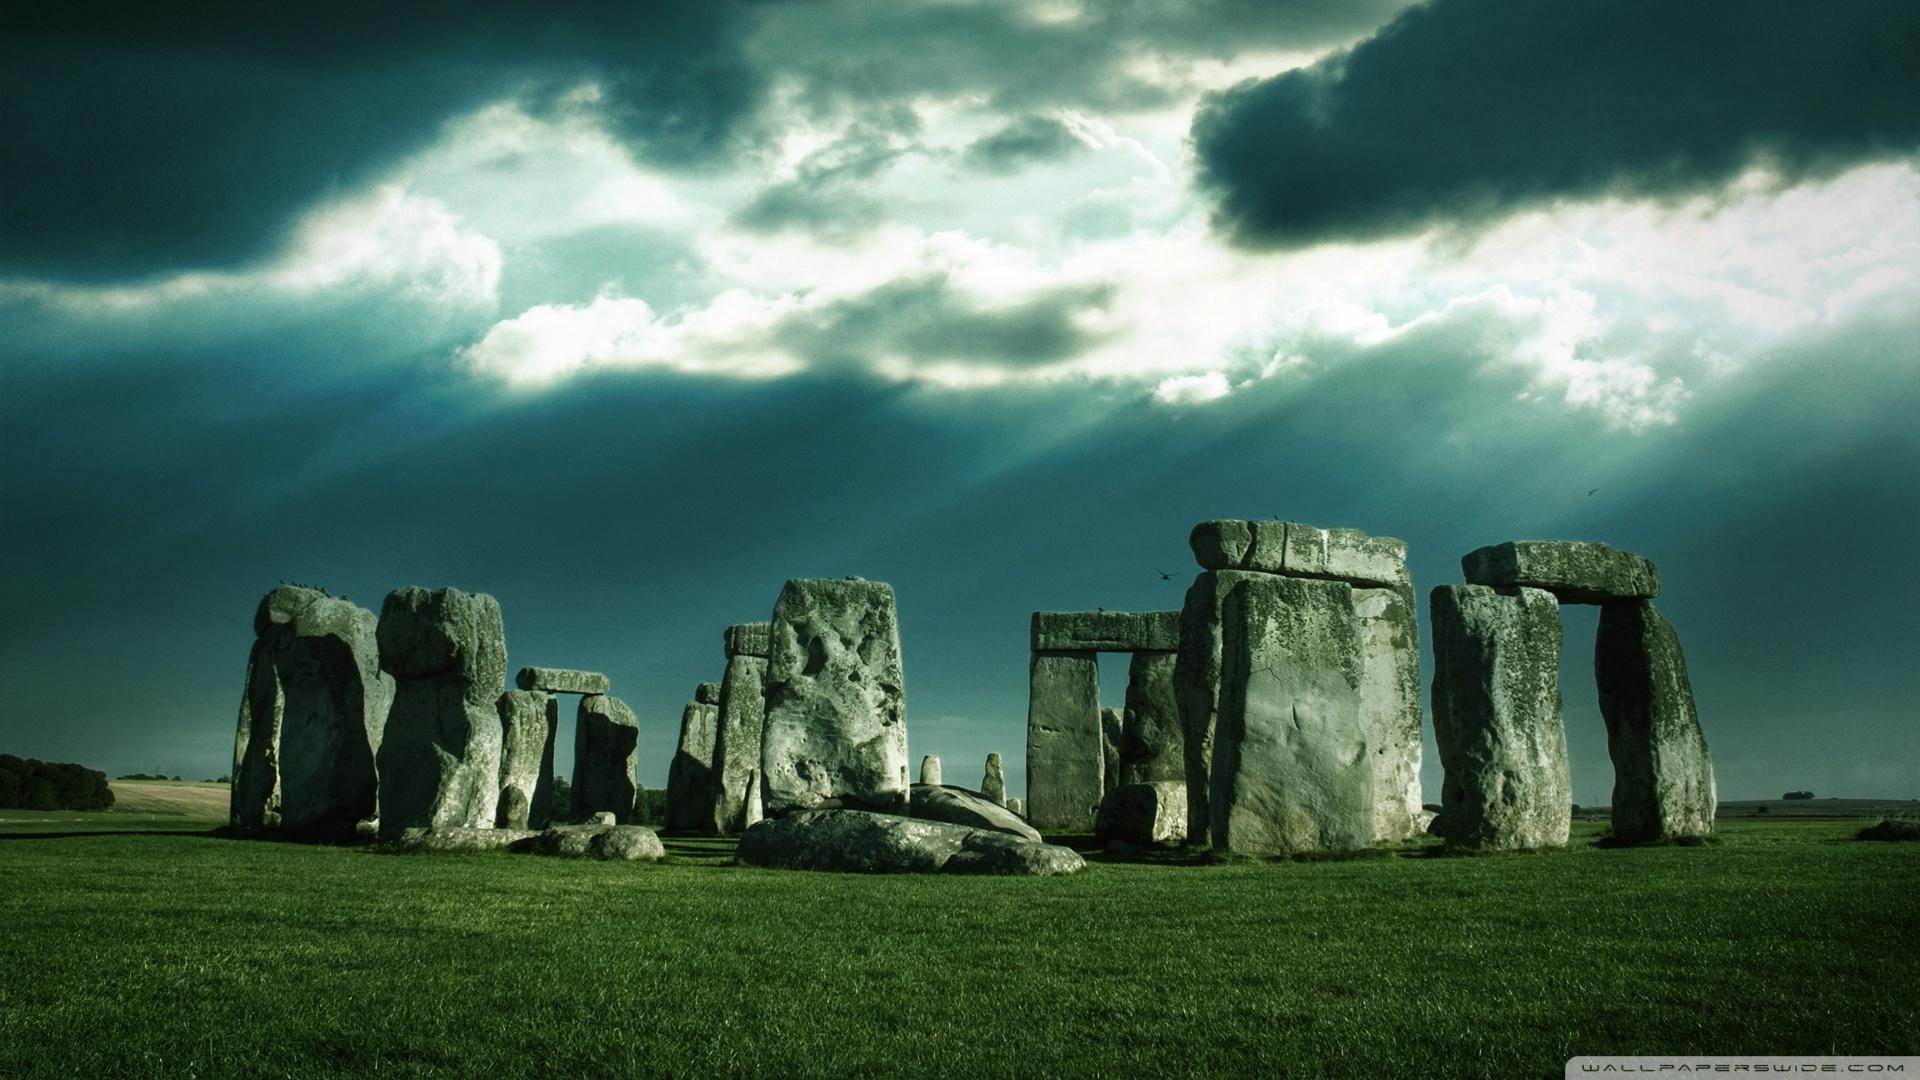 Stonehenge Wallpaper 2   1920 X 1080 stmednet 1920x1080